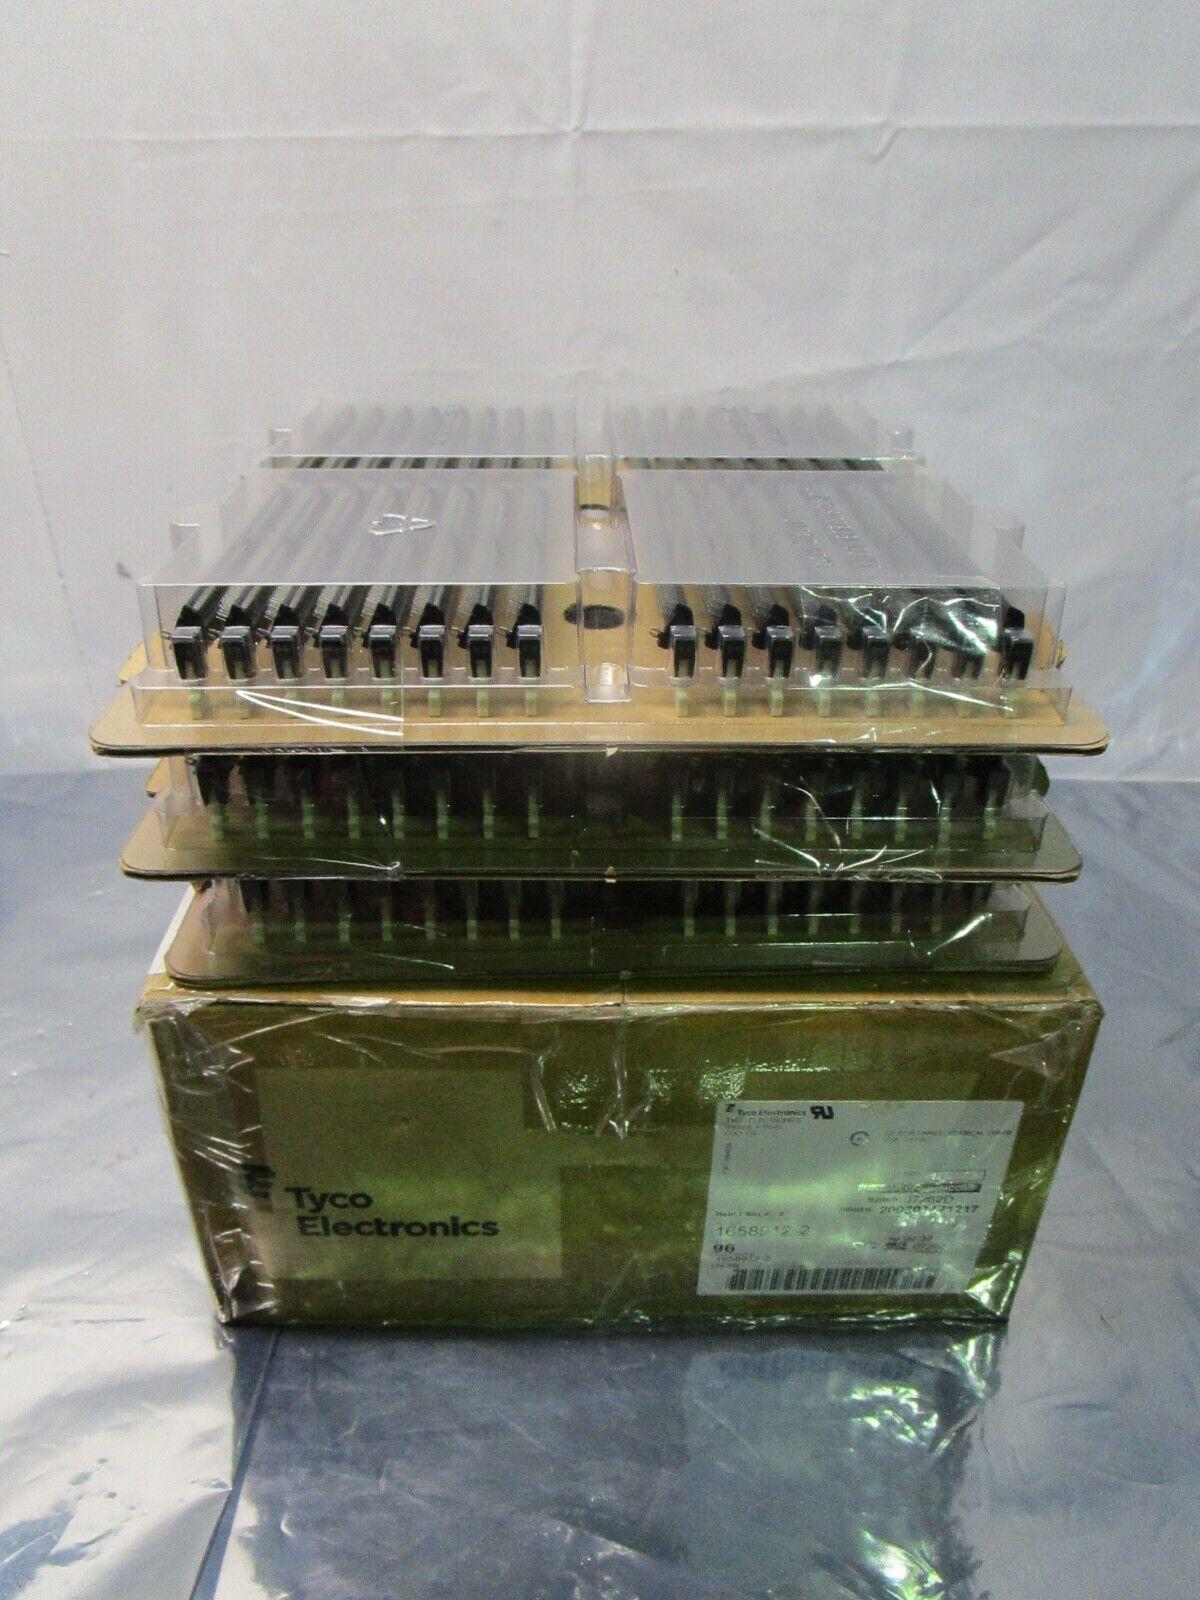 1 Lot of 96 TE Connectivity 1658912-2 DIMM Connectors 240P DImm DDR 30 AU,102405